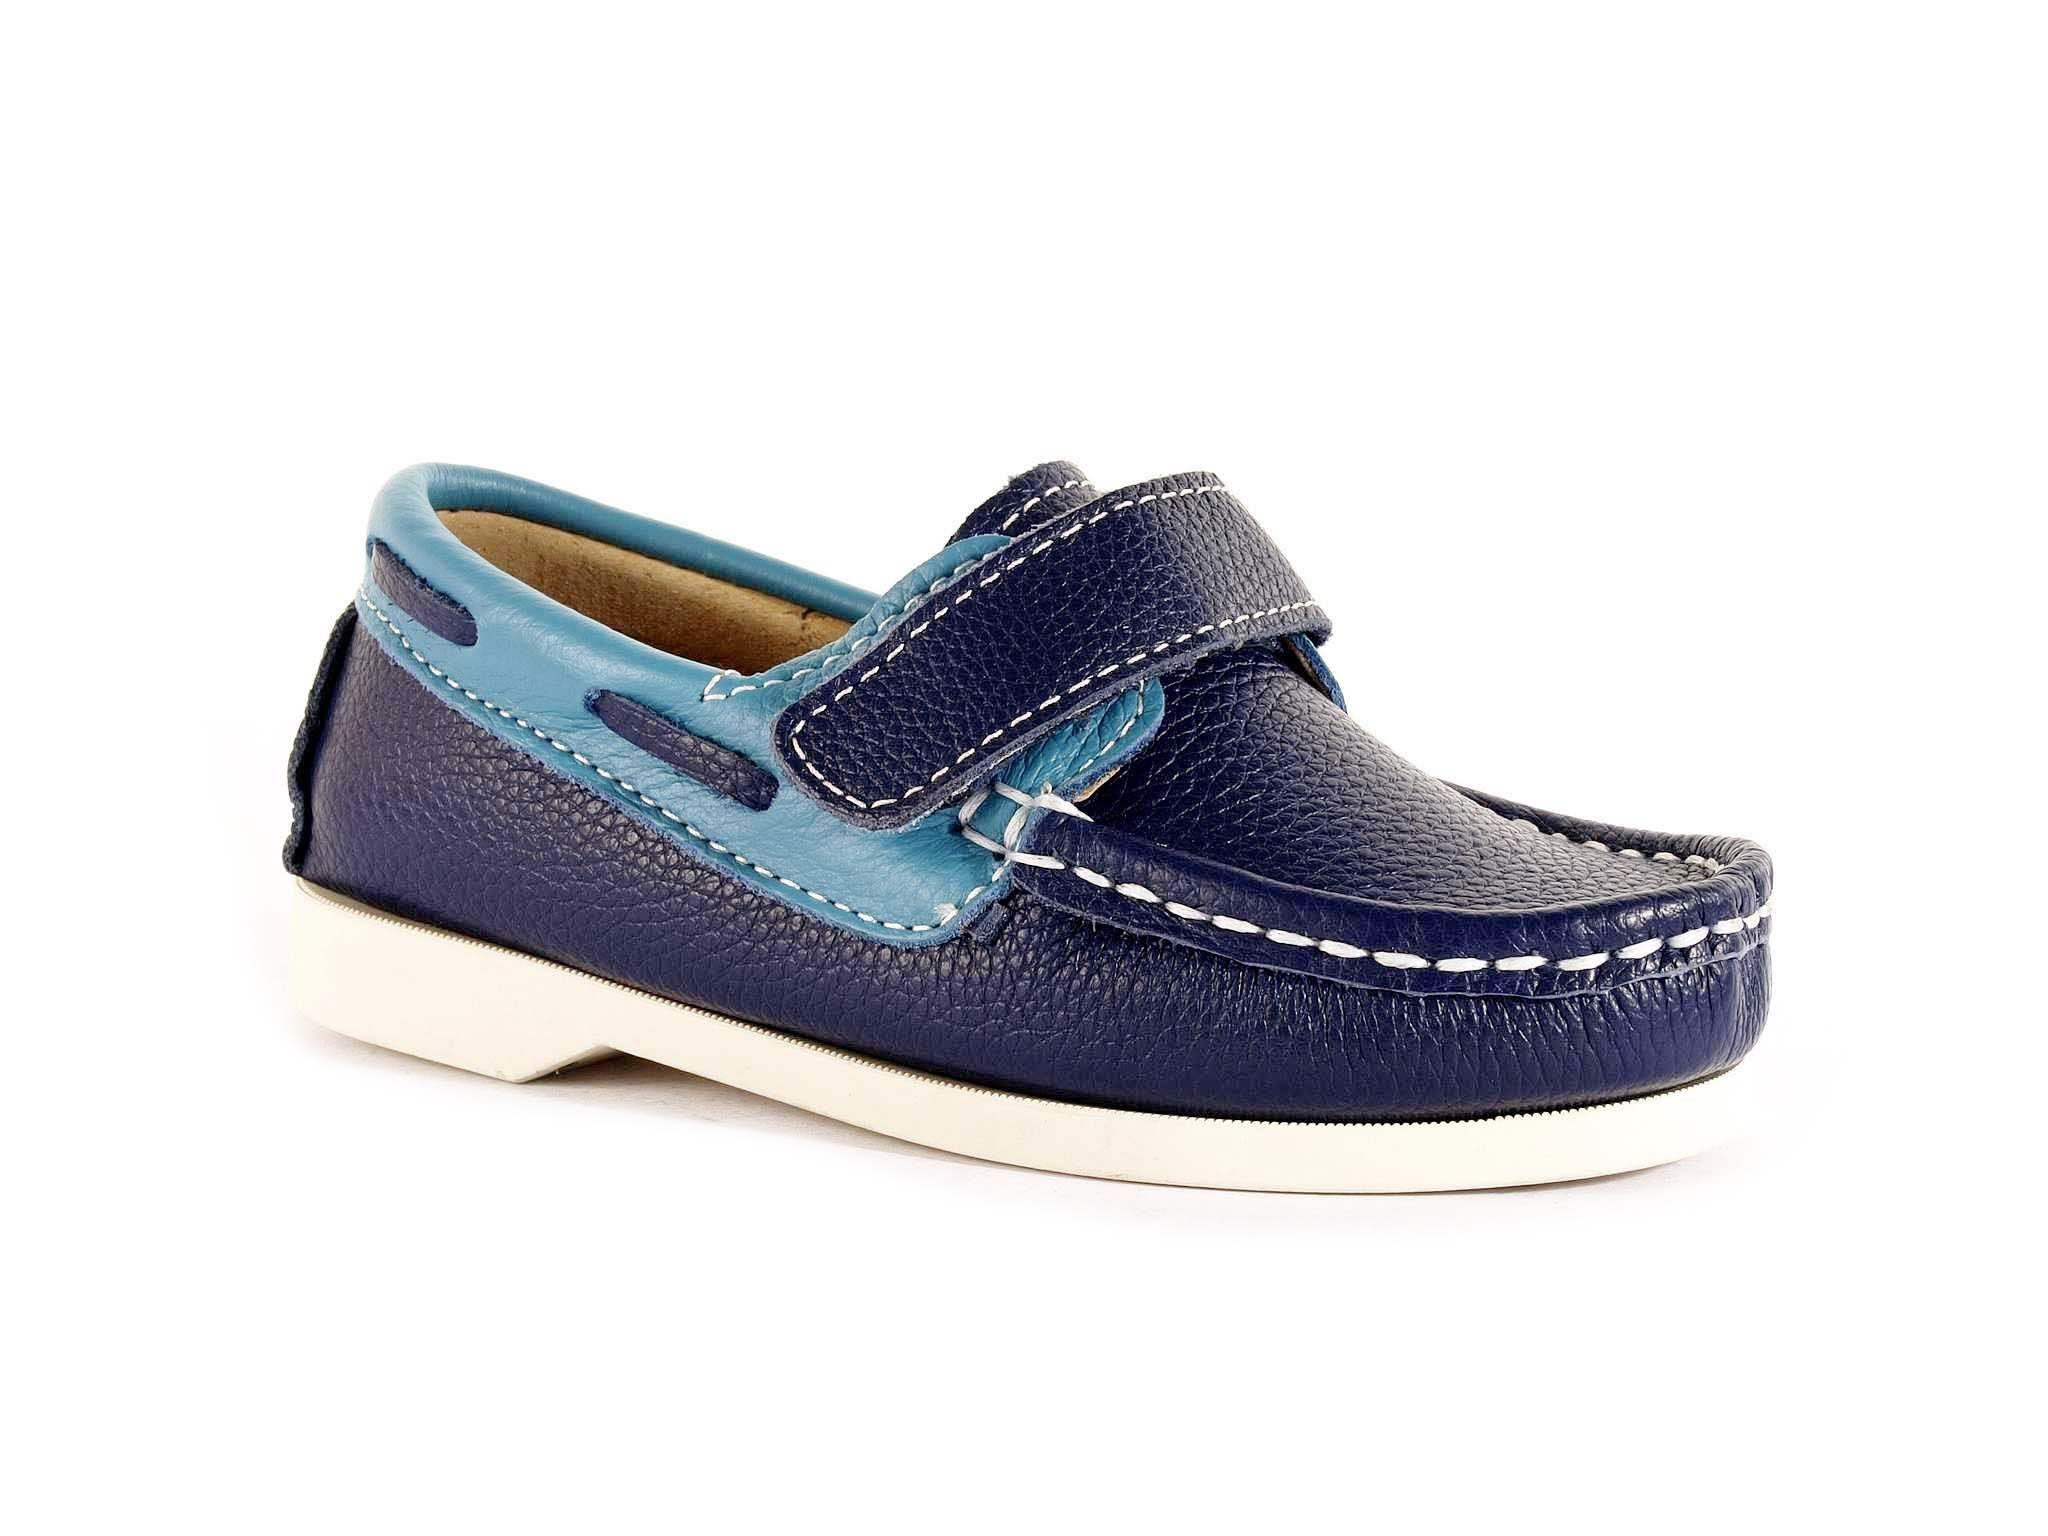 358c04cc099a2e Детская обувь. Мокасины детские для мальчиков 020-3синий EVIE shoes...